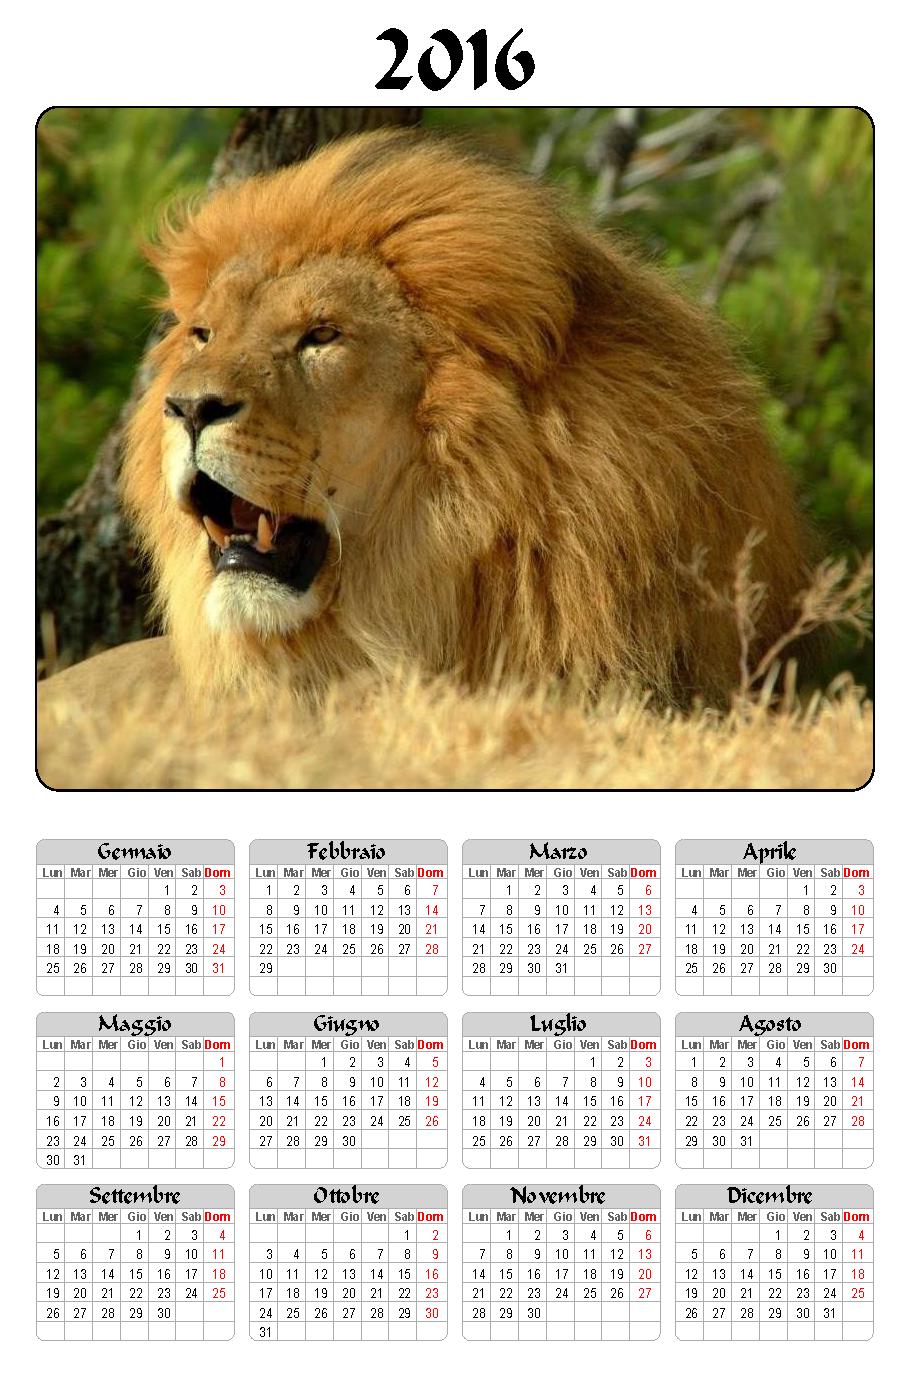 calendario 2016 leone